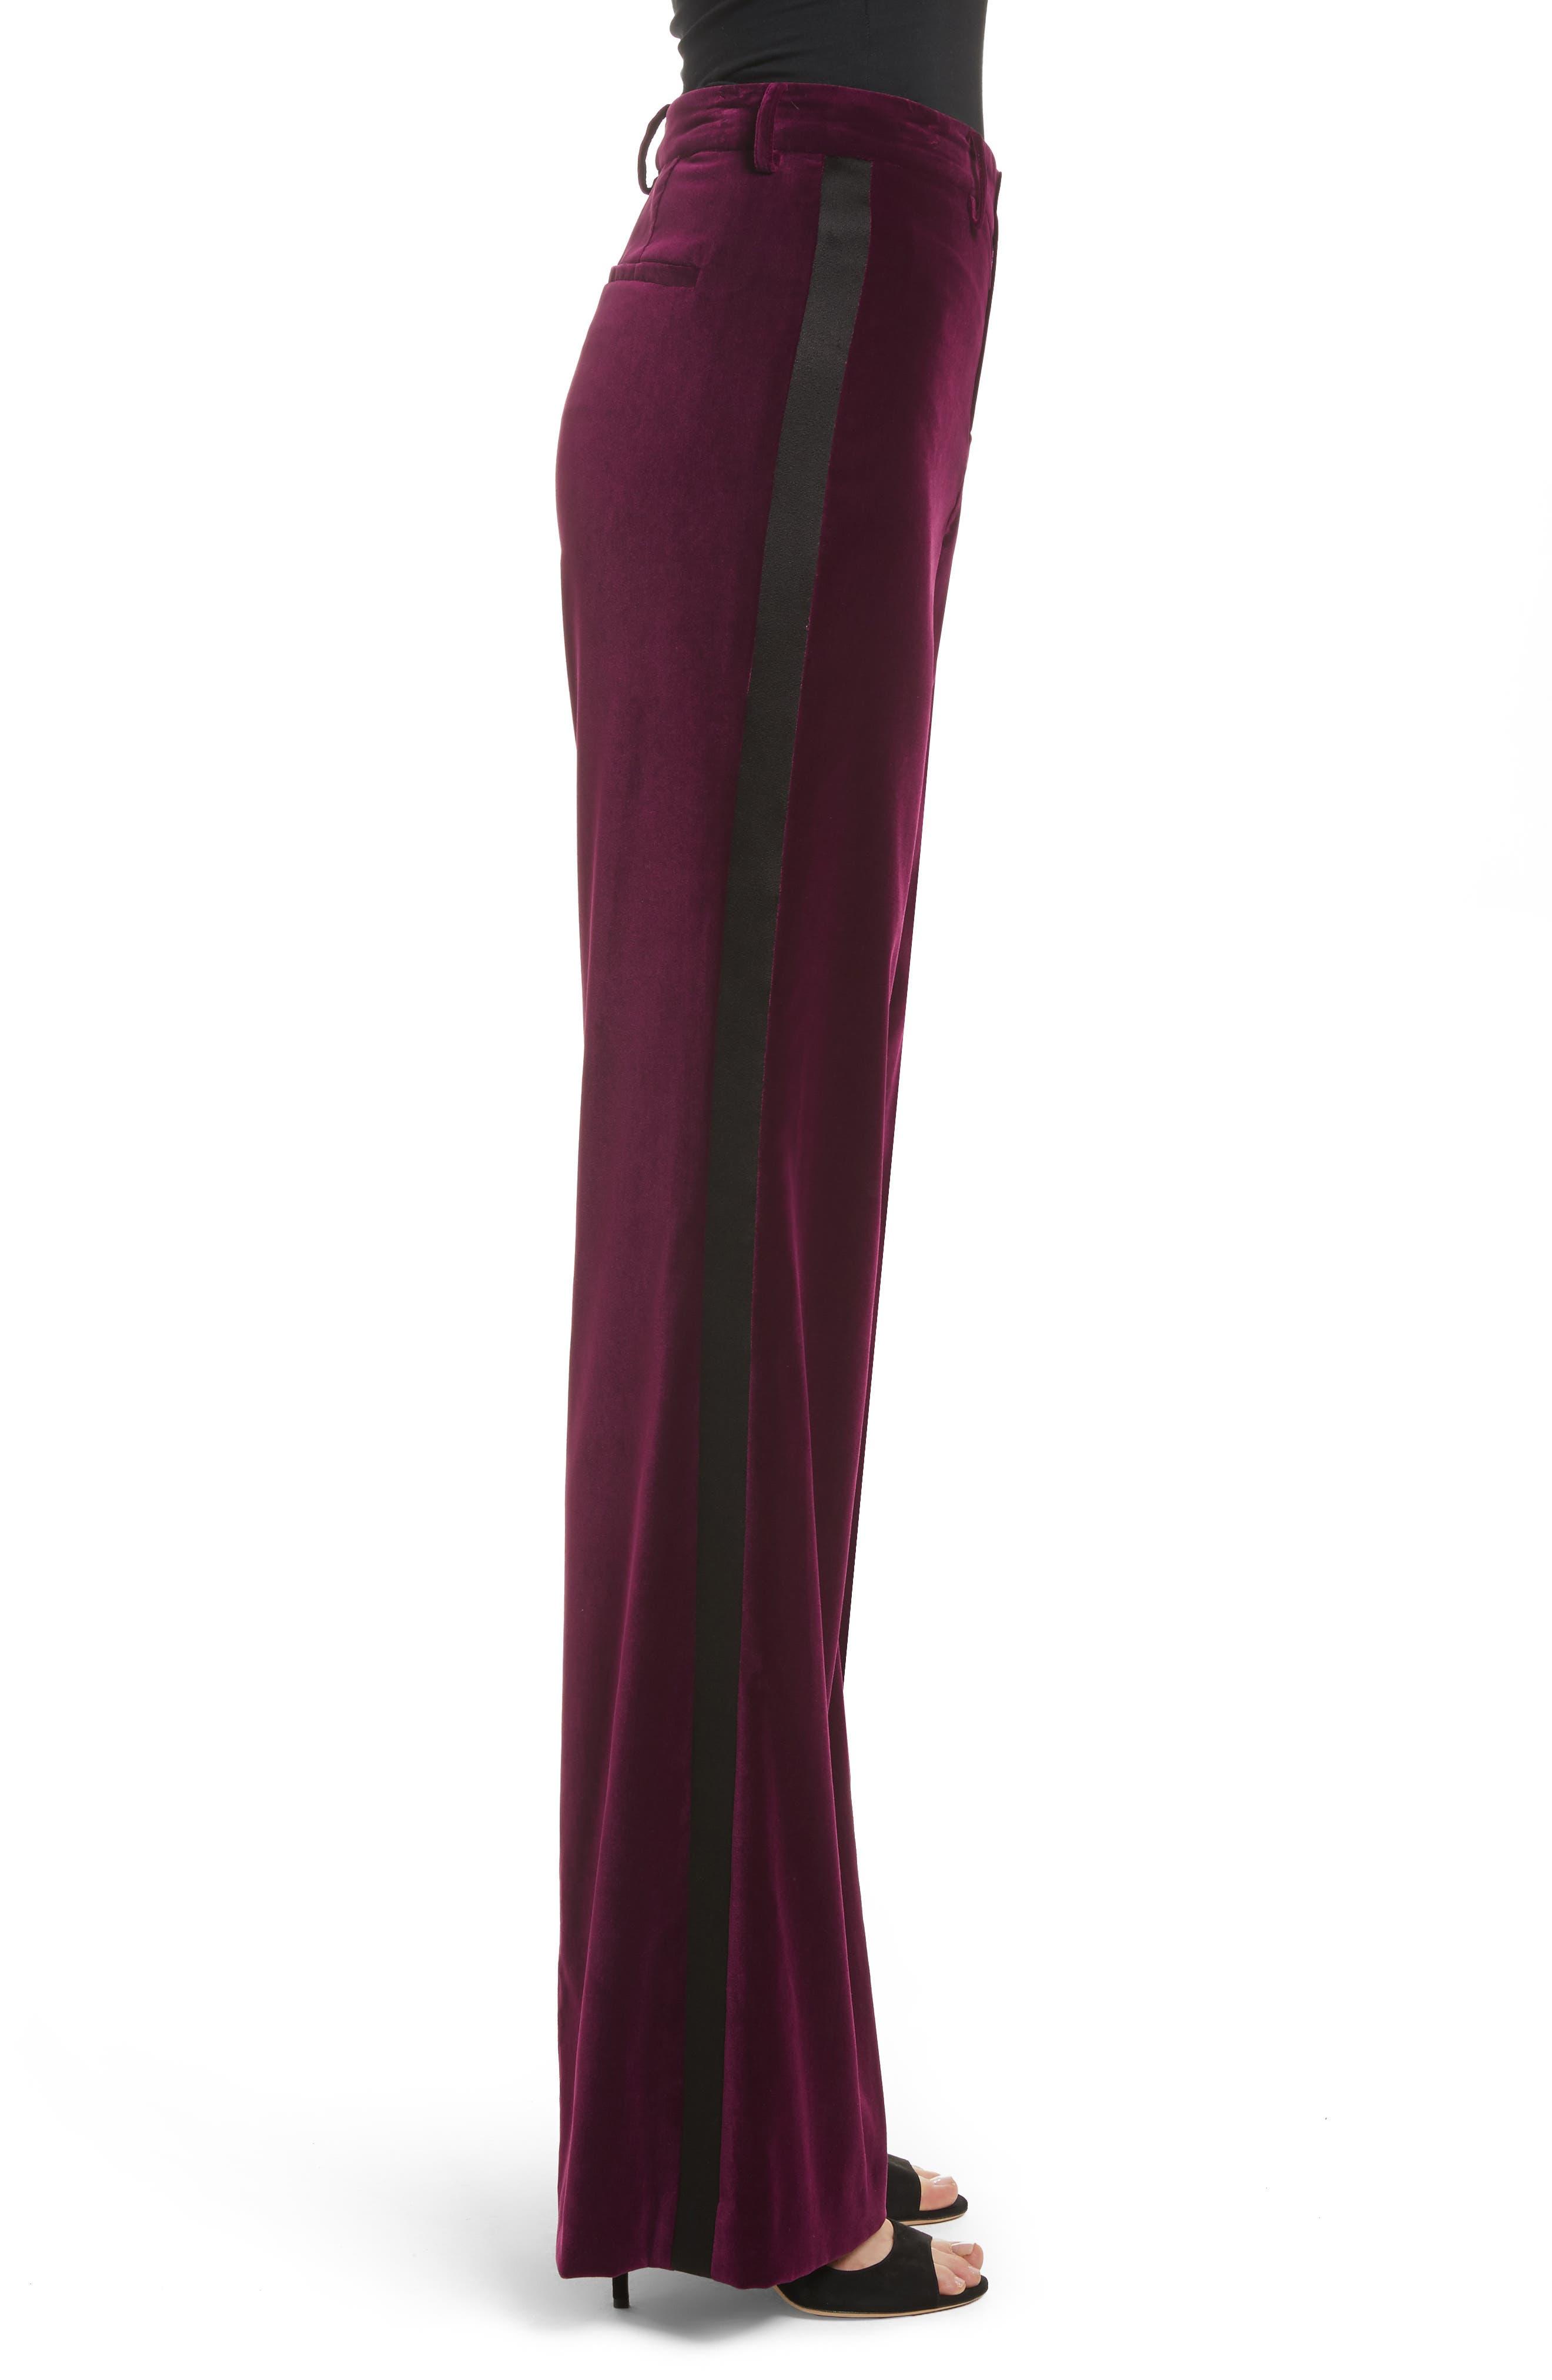 Paulette Velvet Tuxedo Pants,                             Alternate thumbnail 3, color,                             934